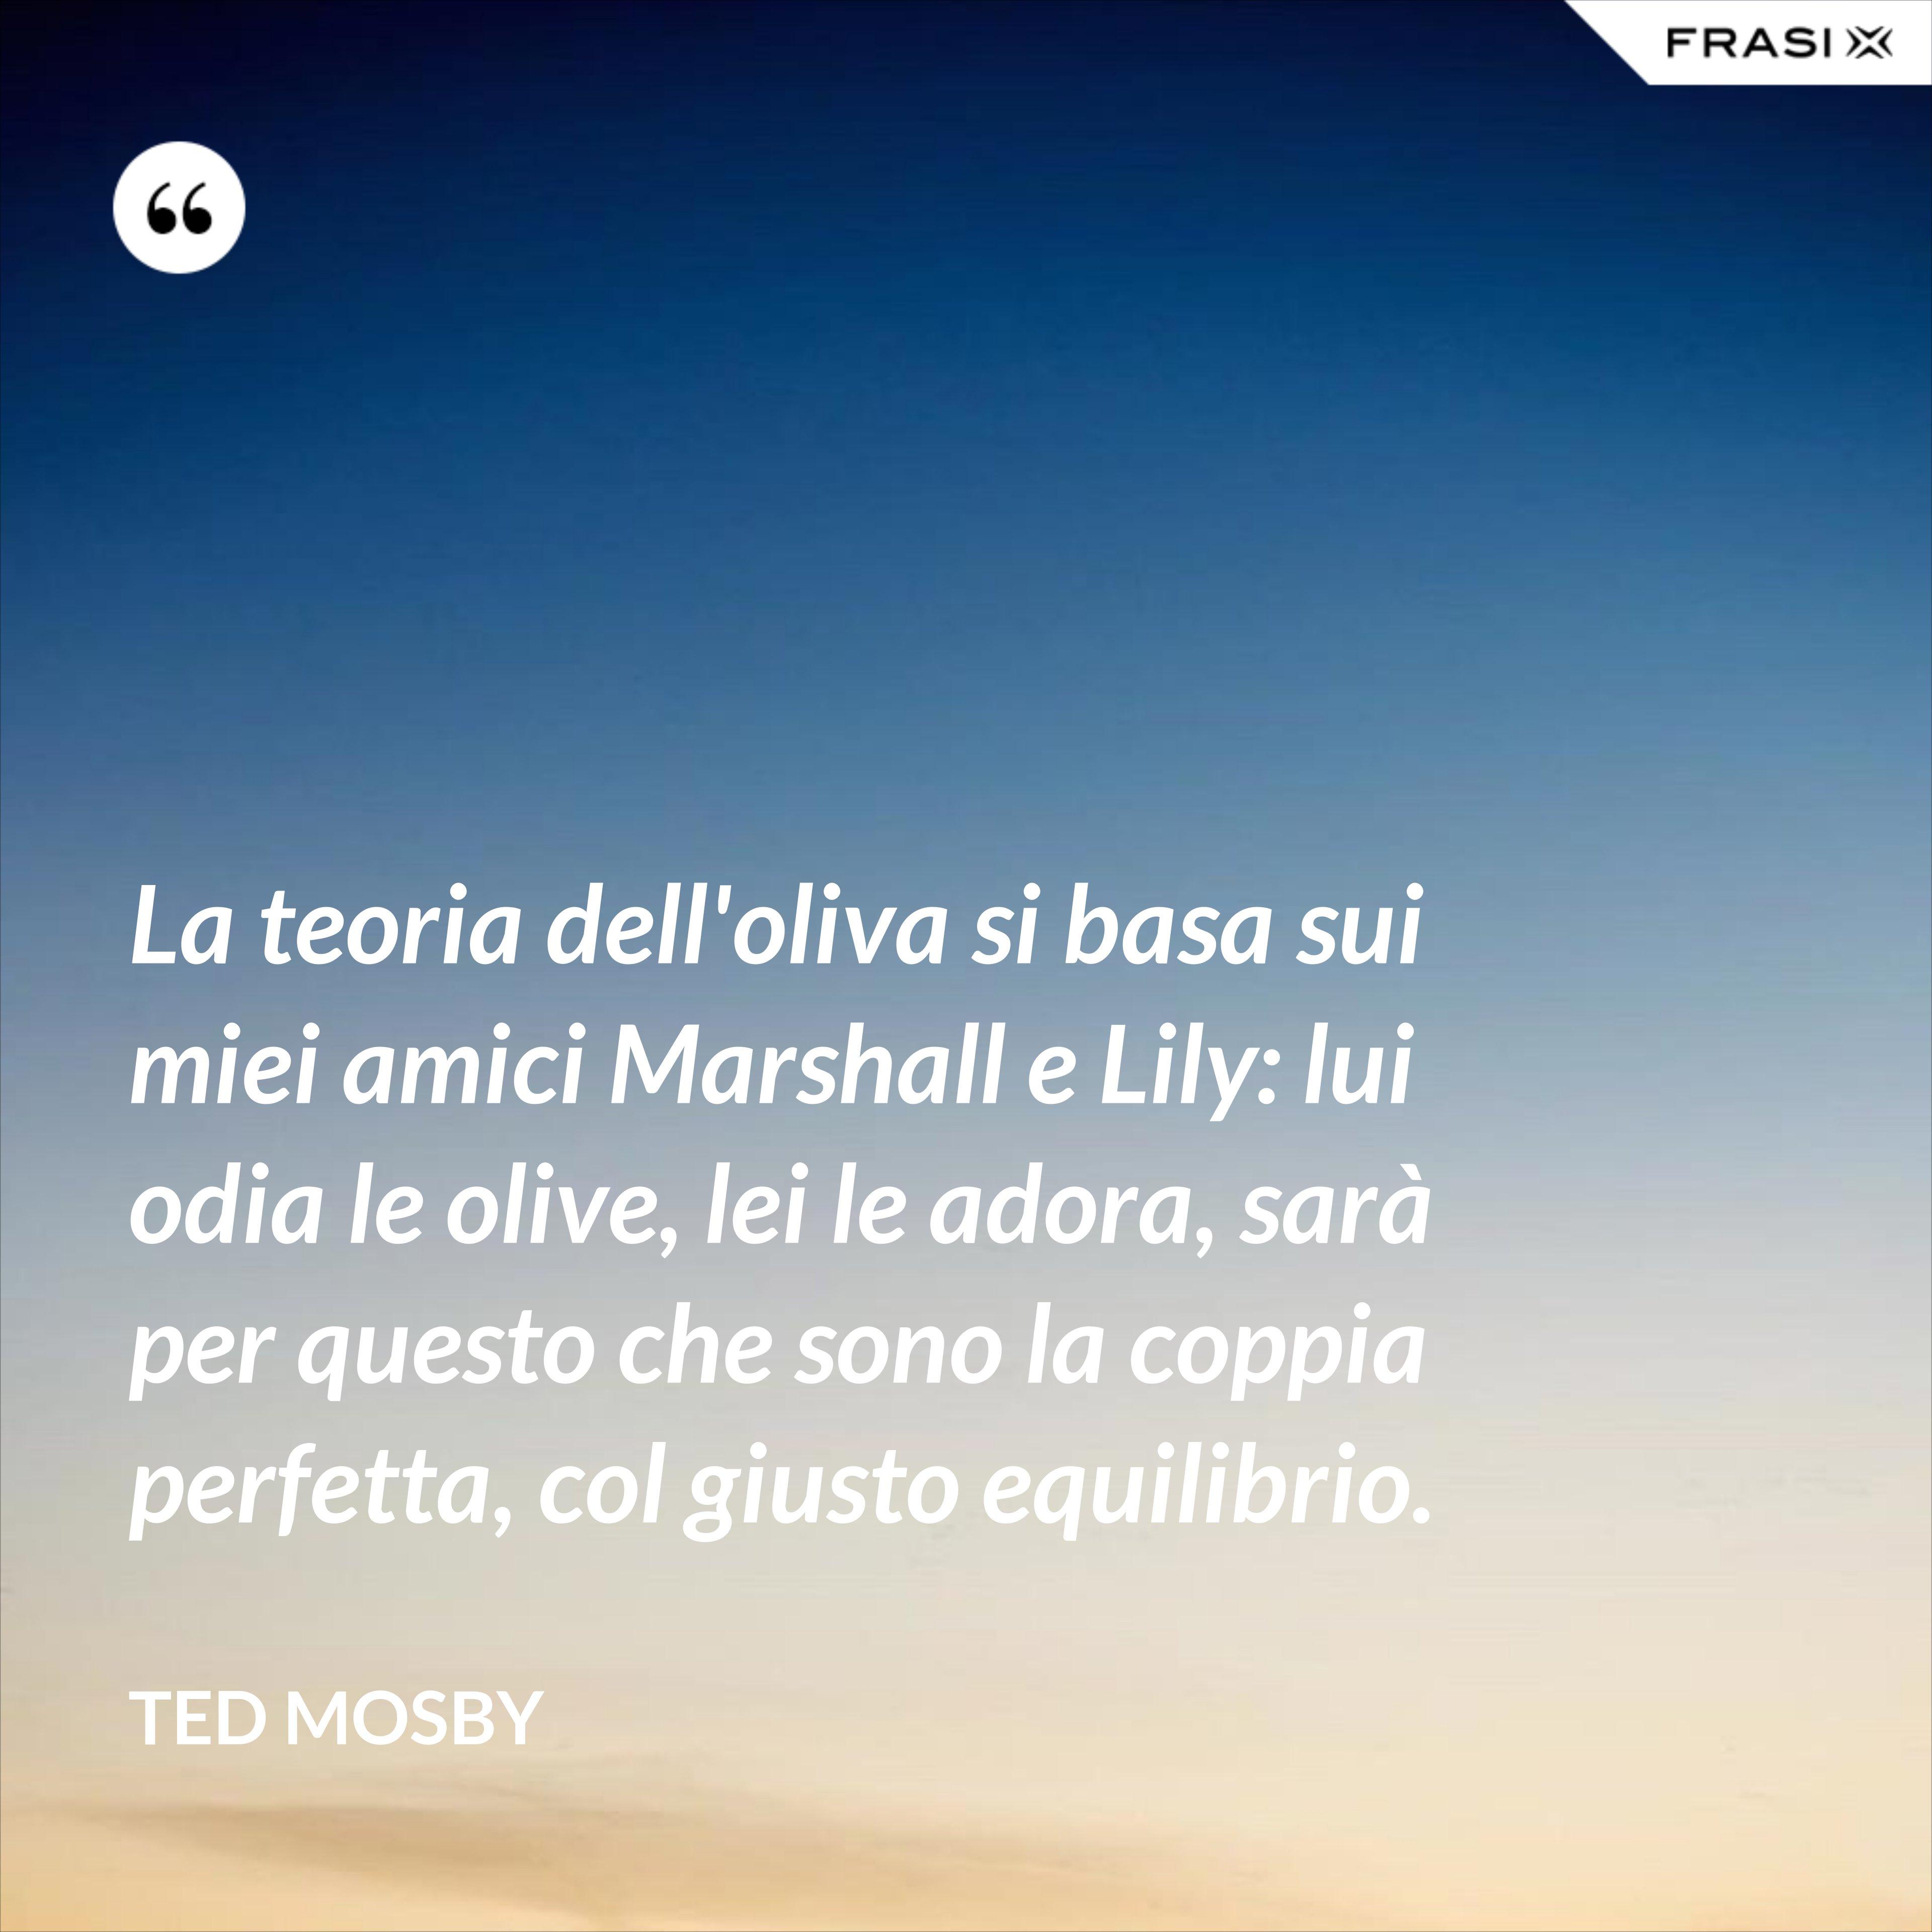 La teoria dell'oliva si basa sui miei amici Marshall e Lily: lui odia le olive, lei le adora, sarà per questo che sono la coppia perfetta, col giusto equilibrio. - Ted Mosby